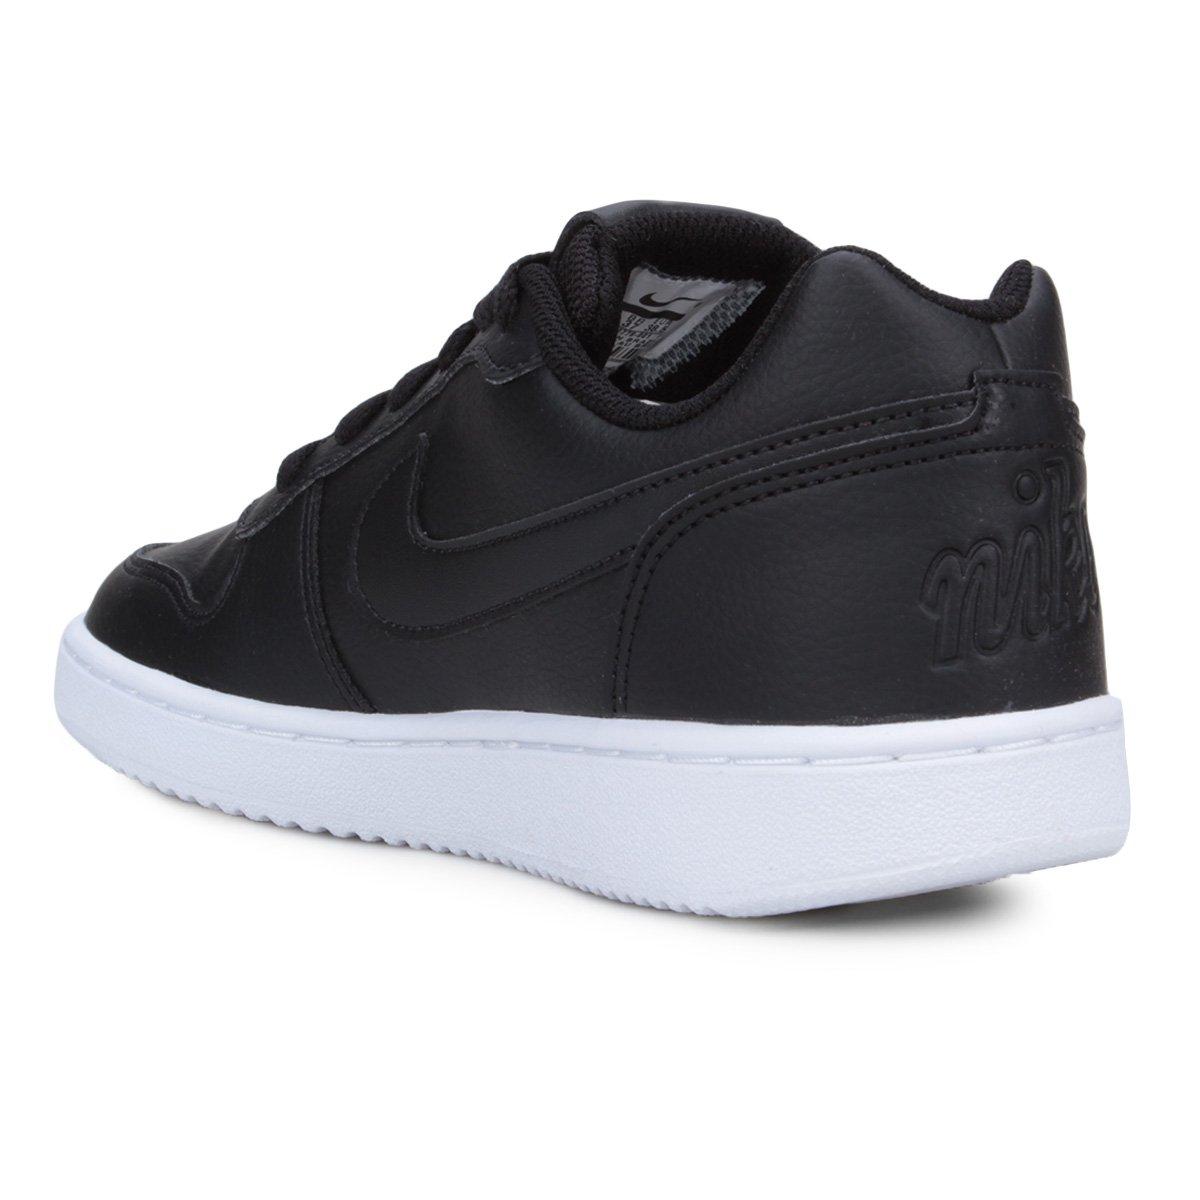 636652282ce Tênis Nike Ebernon Low Feminino